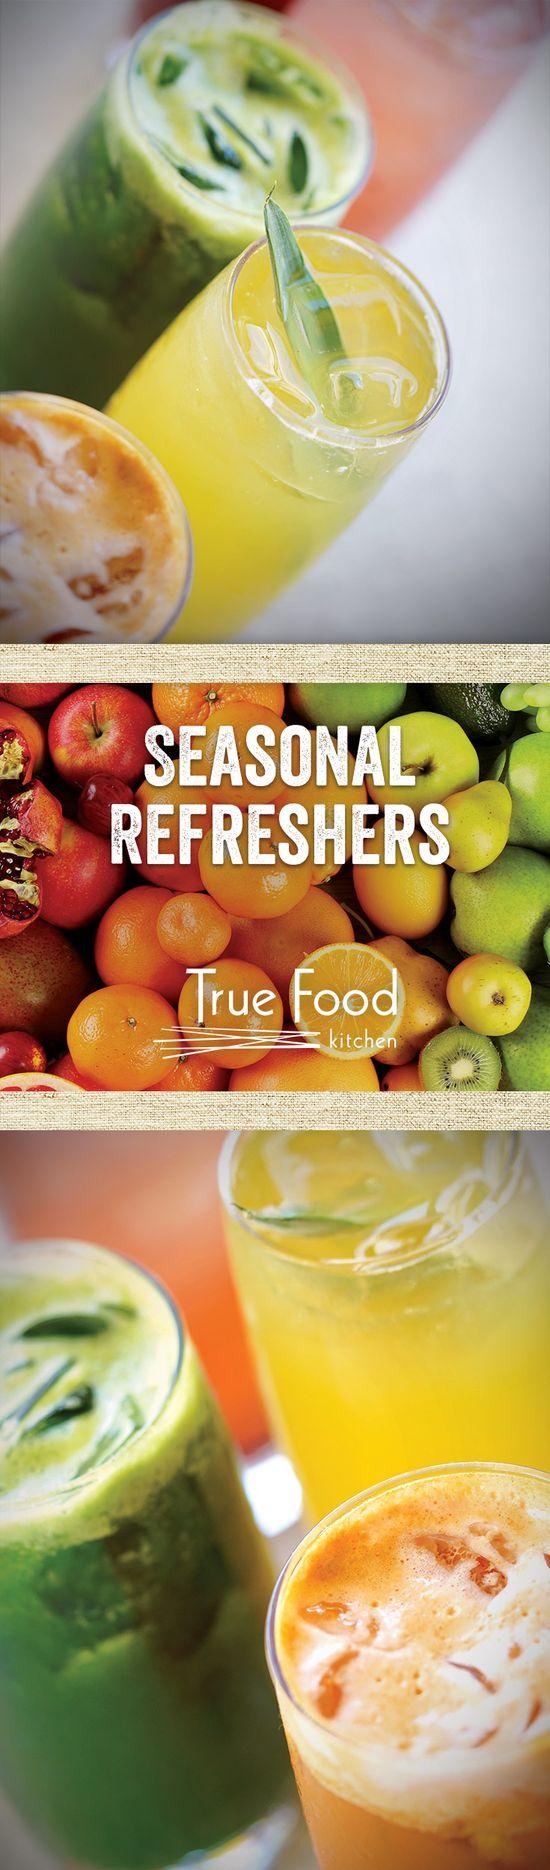 True Food Kitchen (tfkrestaurants) on Pinterest